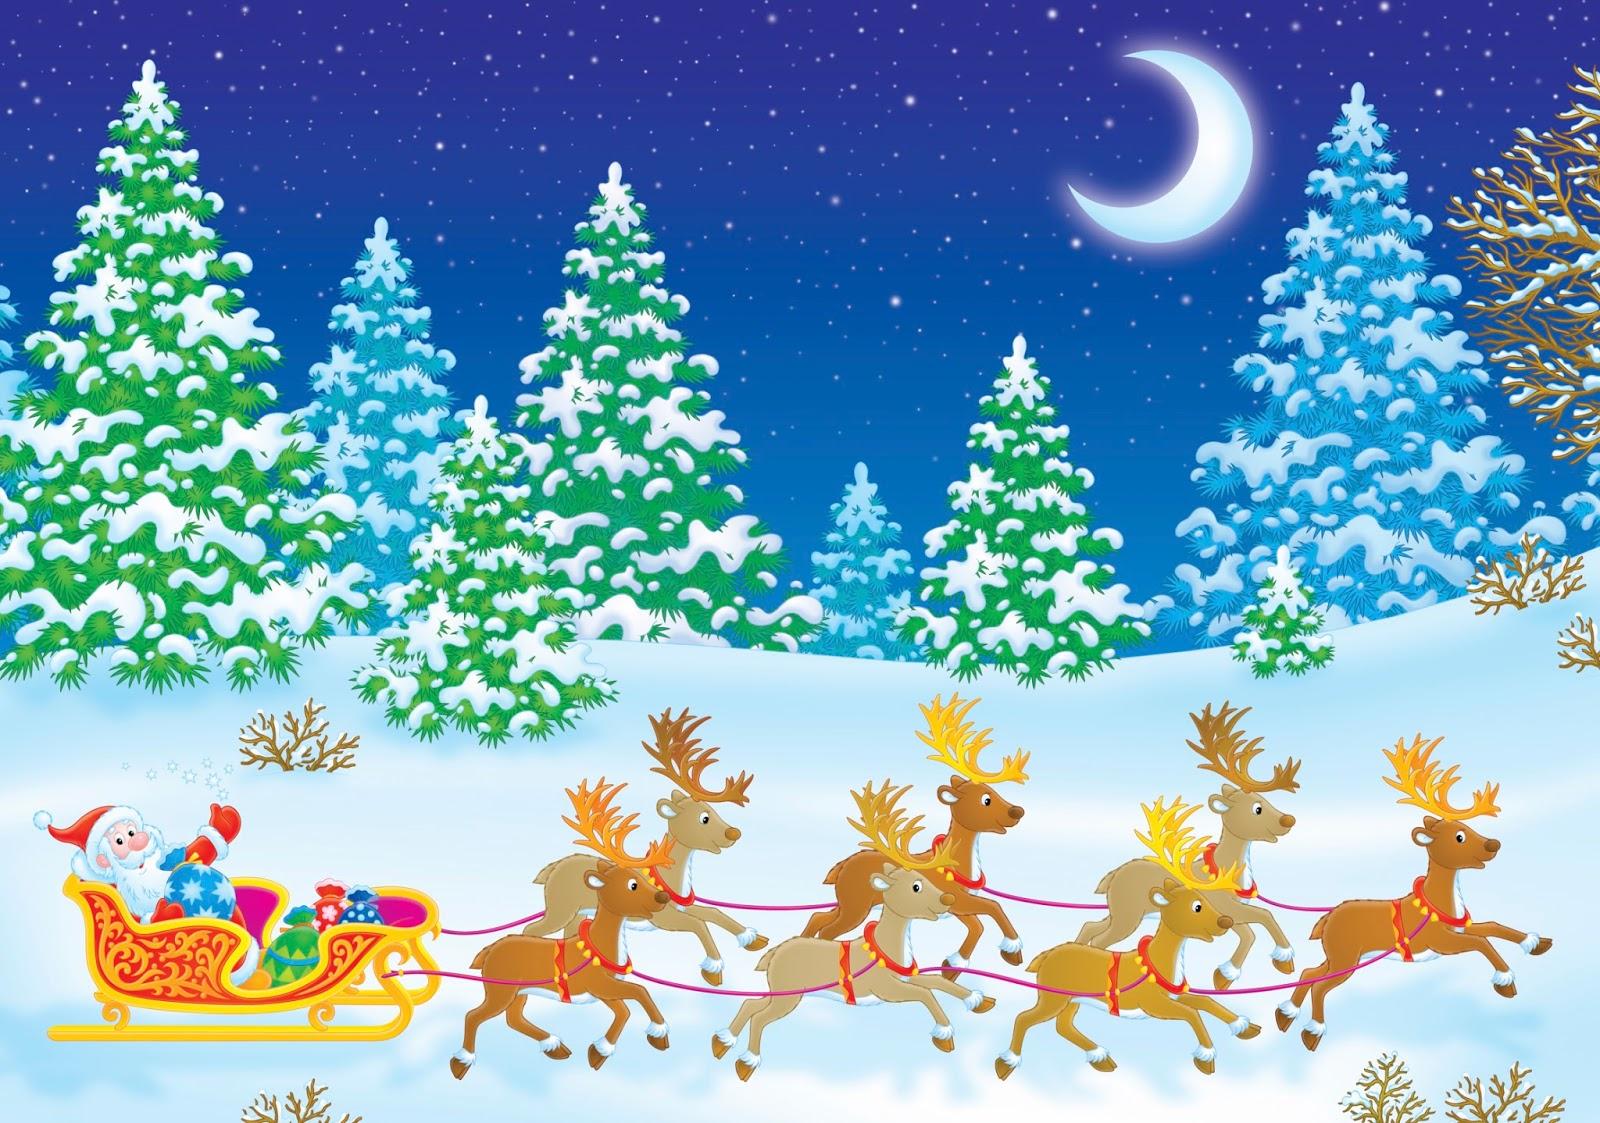 Imagenes de navidad para dedicar imagenes de navidad for Figuras para navidad